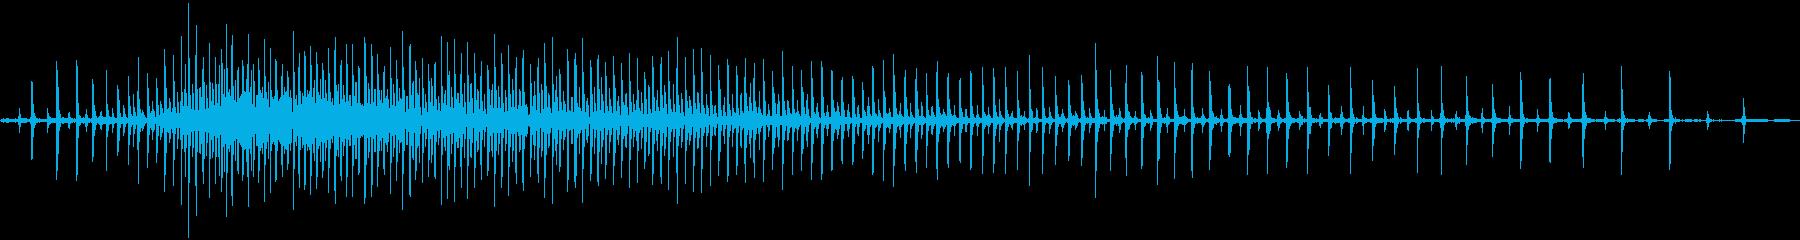 釣りリール鋳造の再生済みの波形